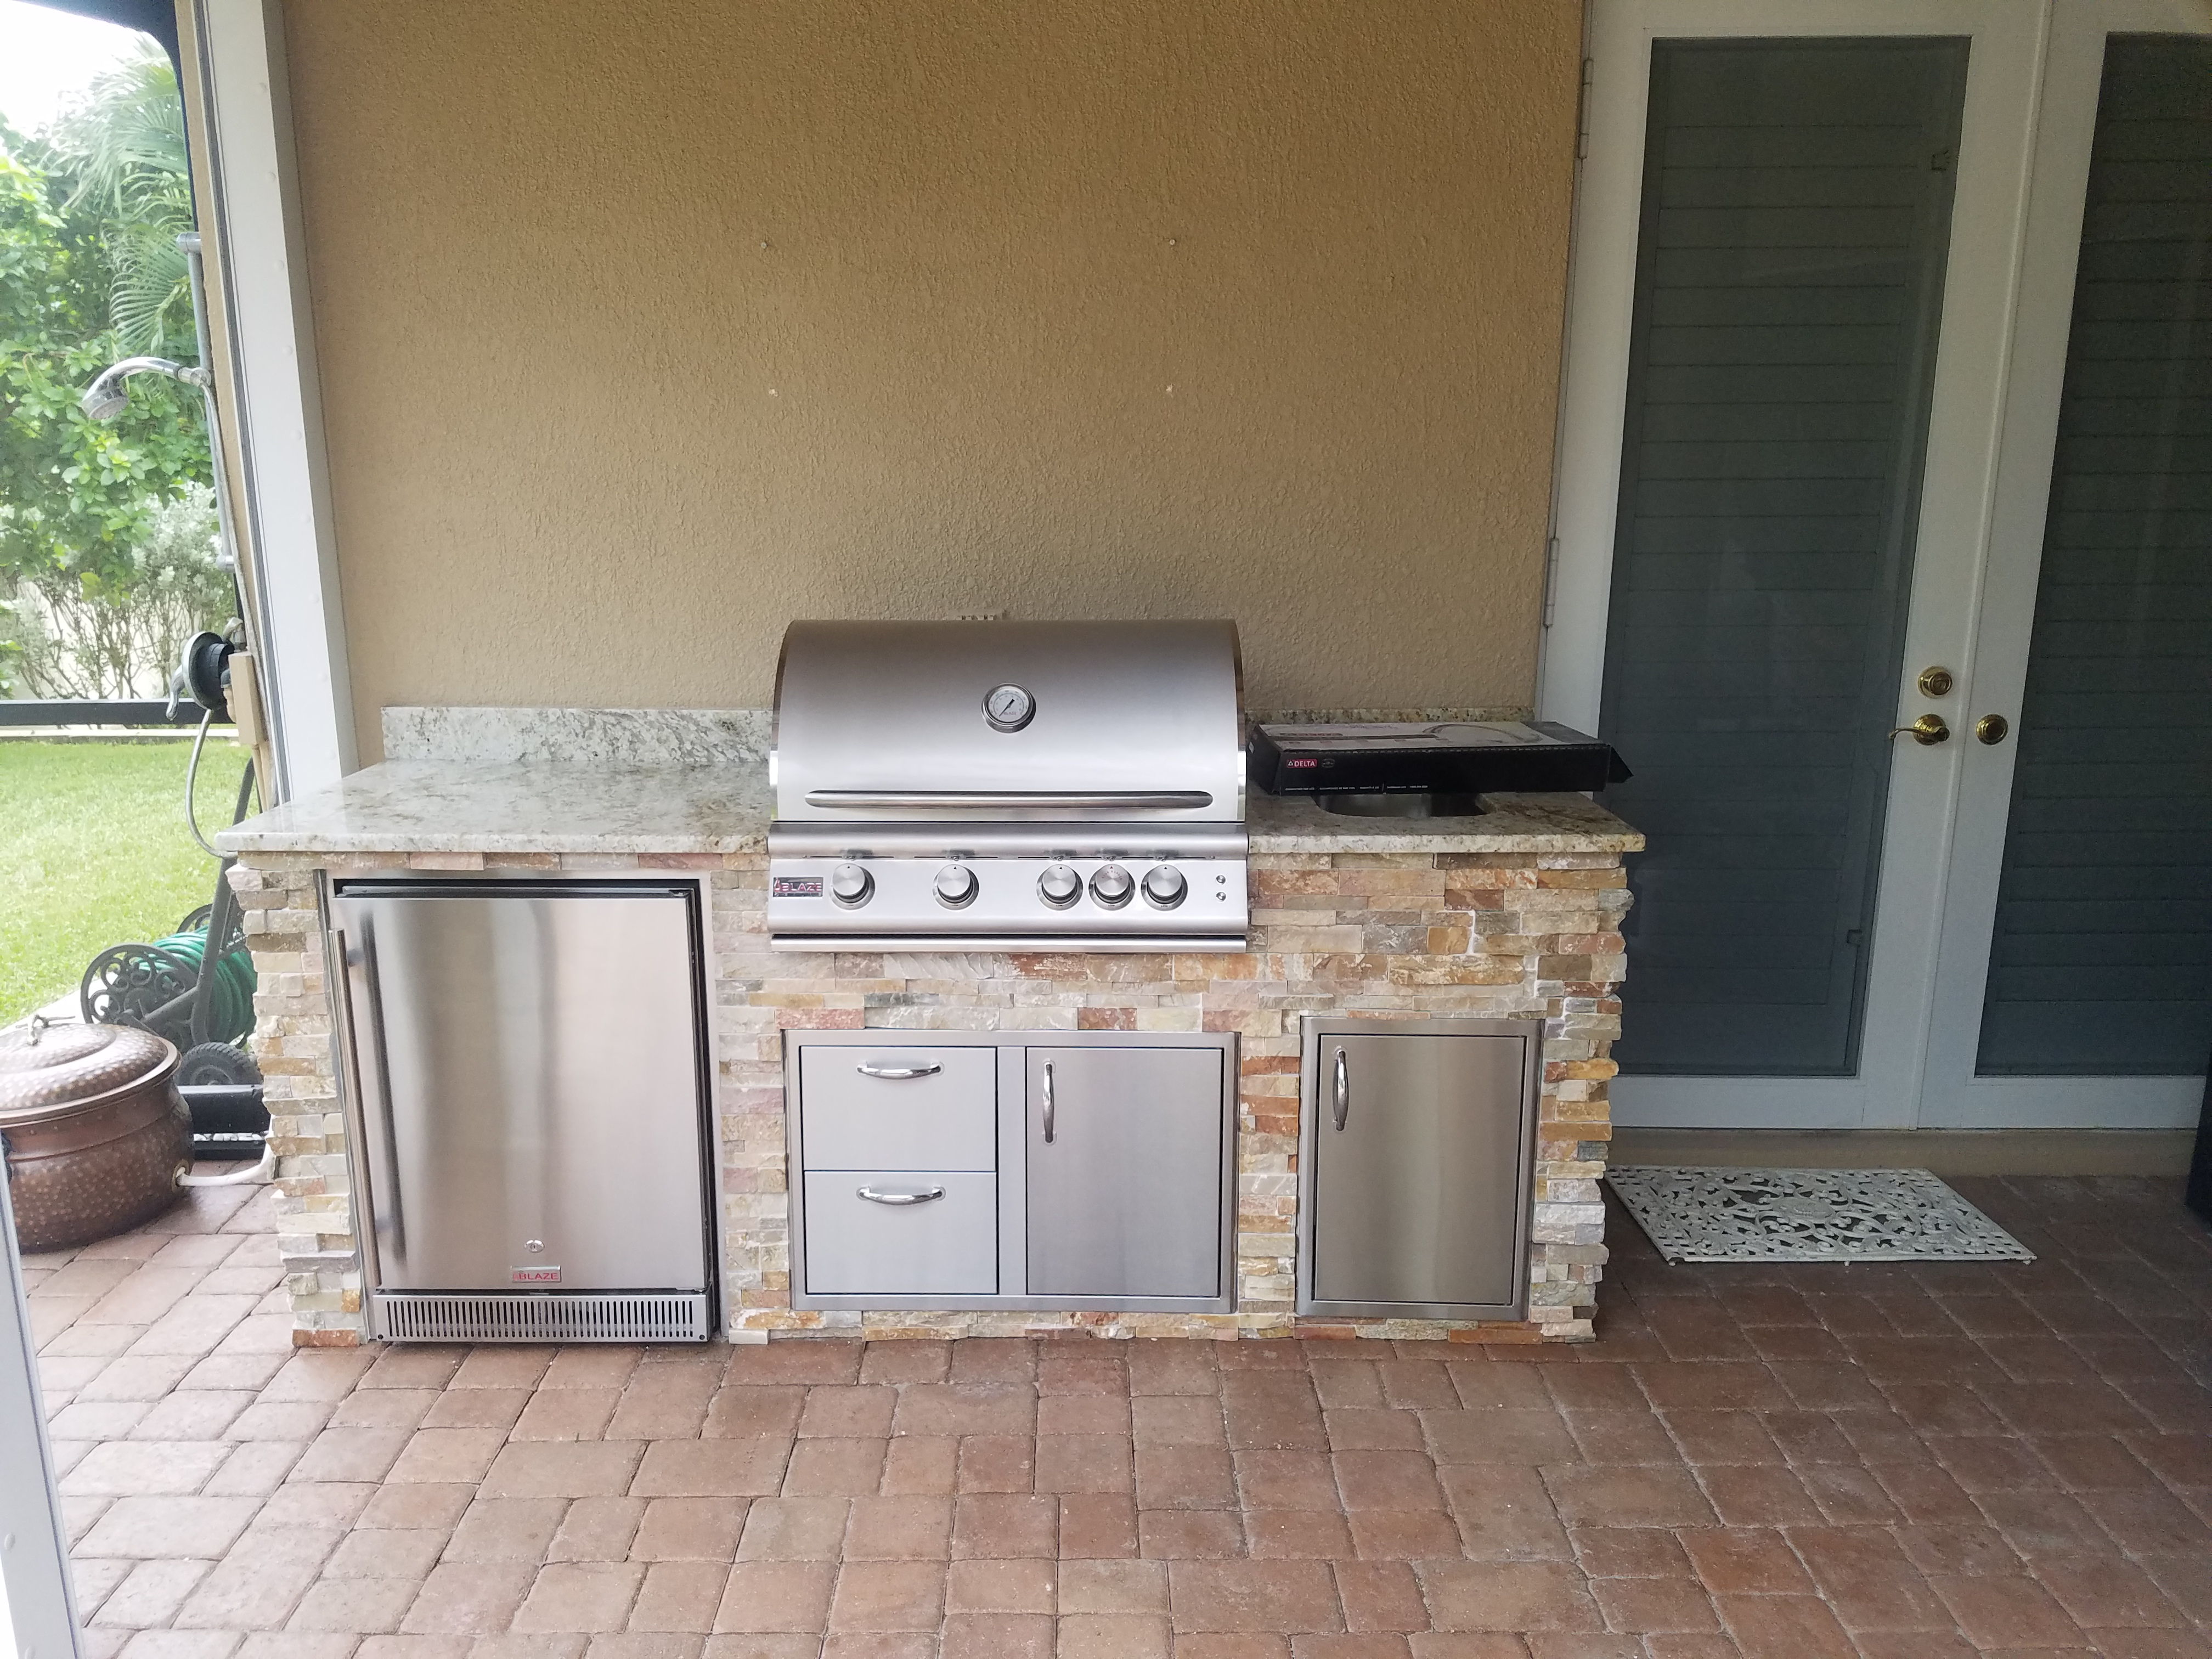 Outdoor Kitchen Countertop Barbecue - Iona/McGregor ...